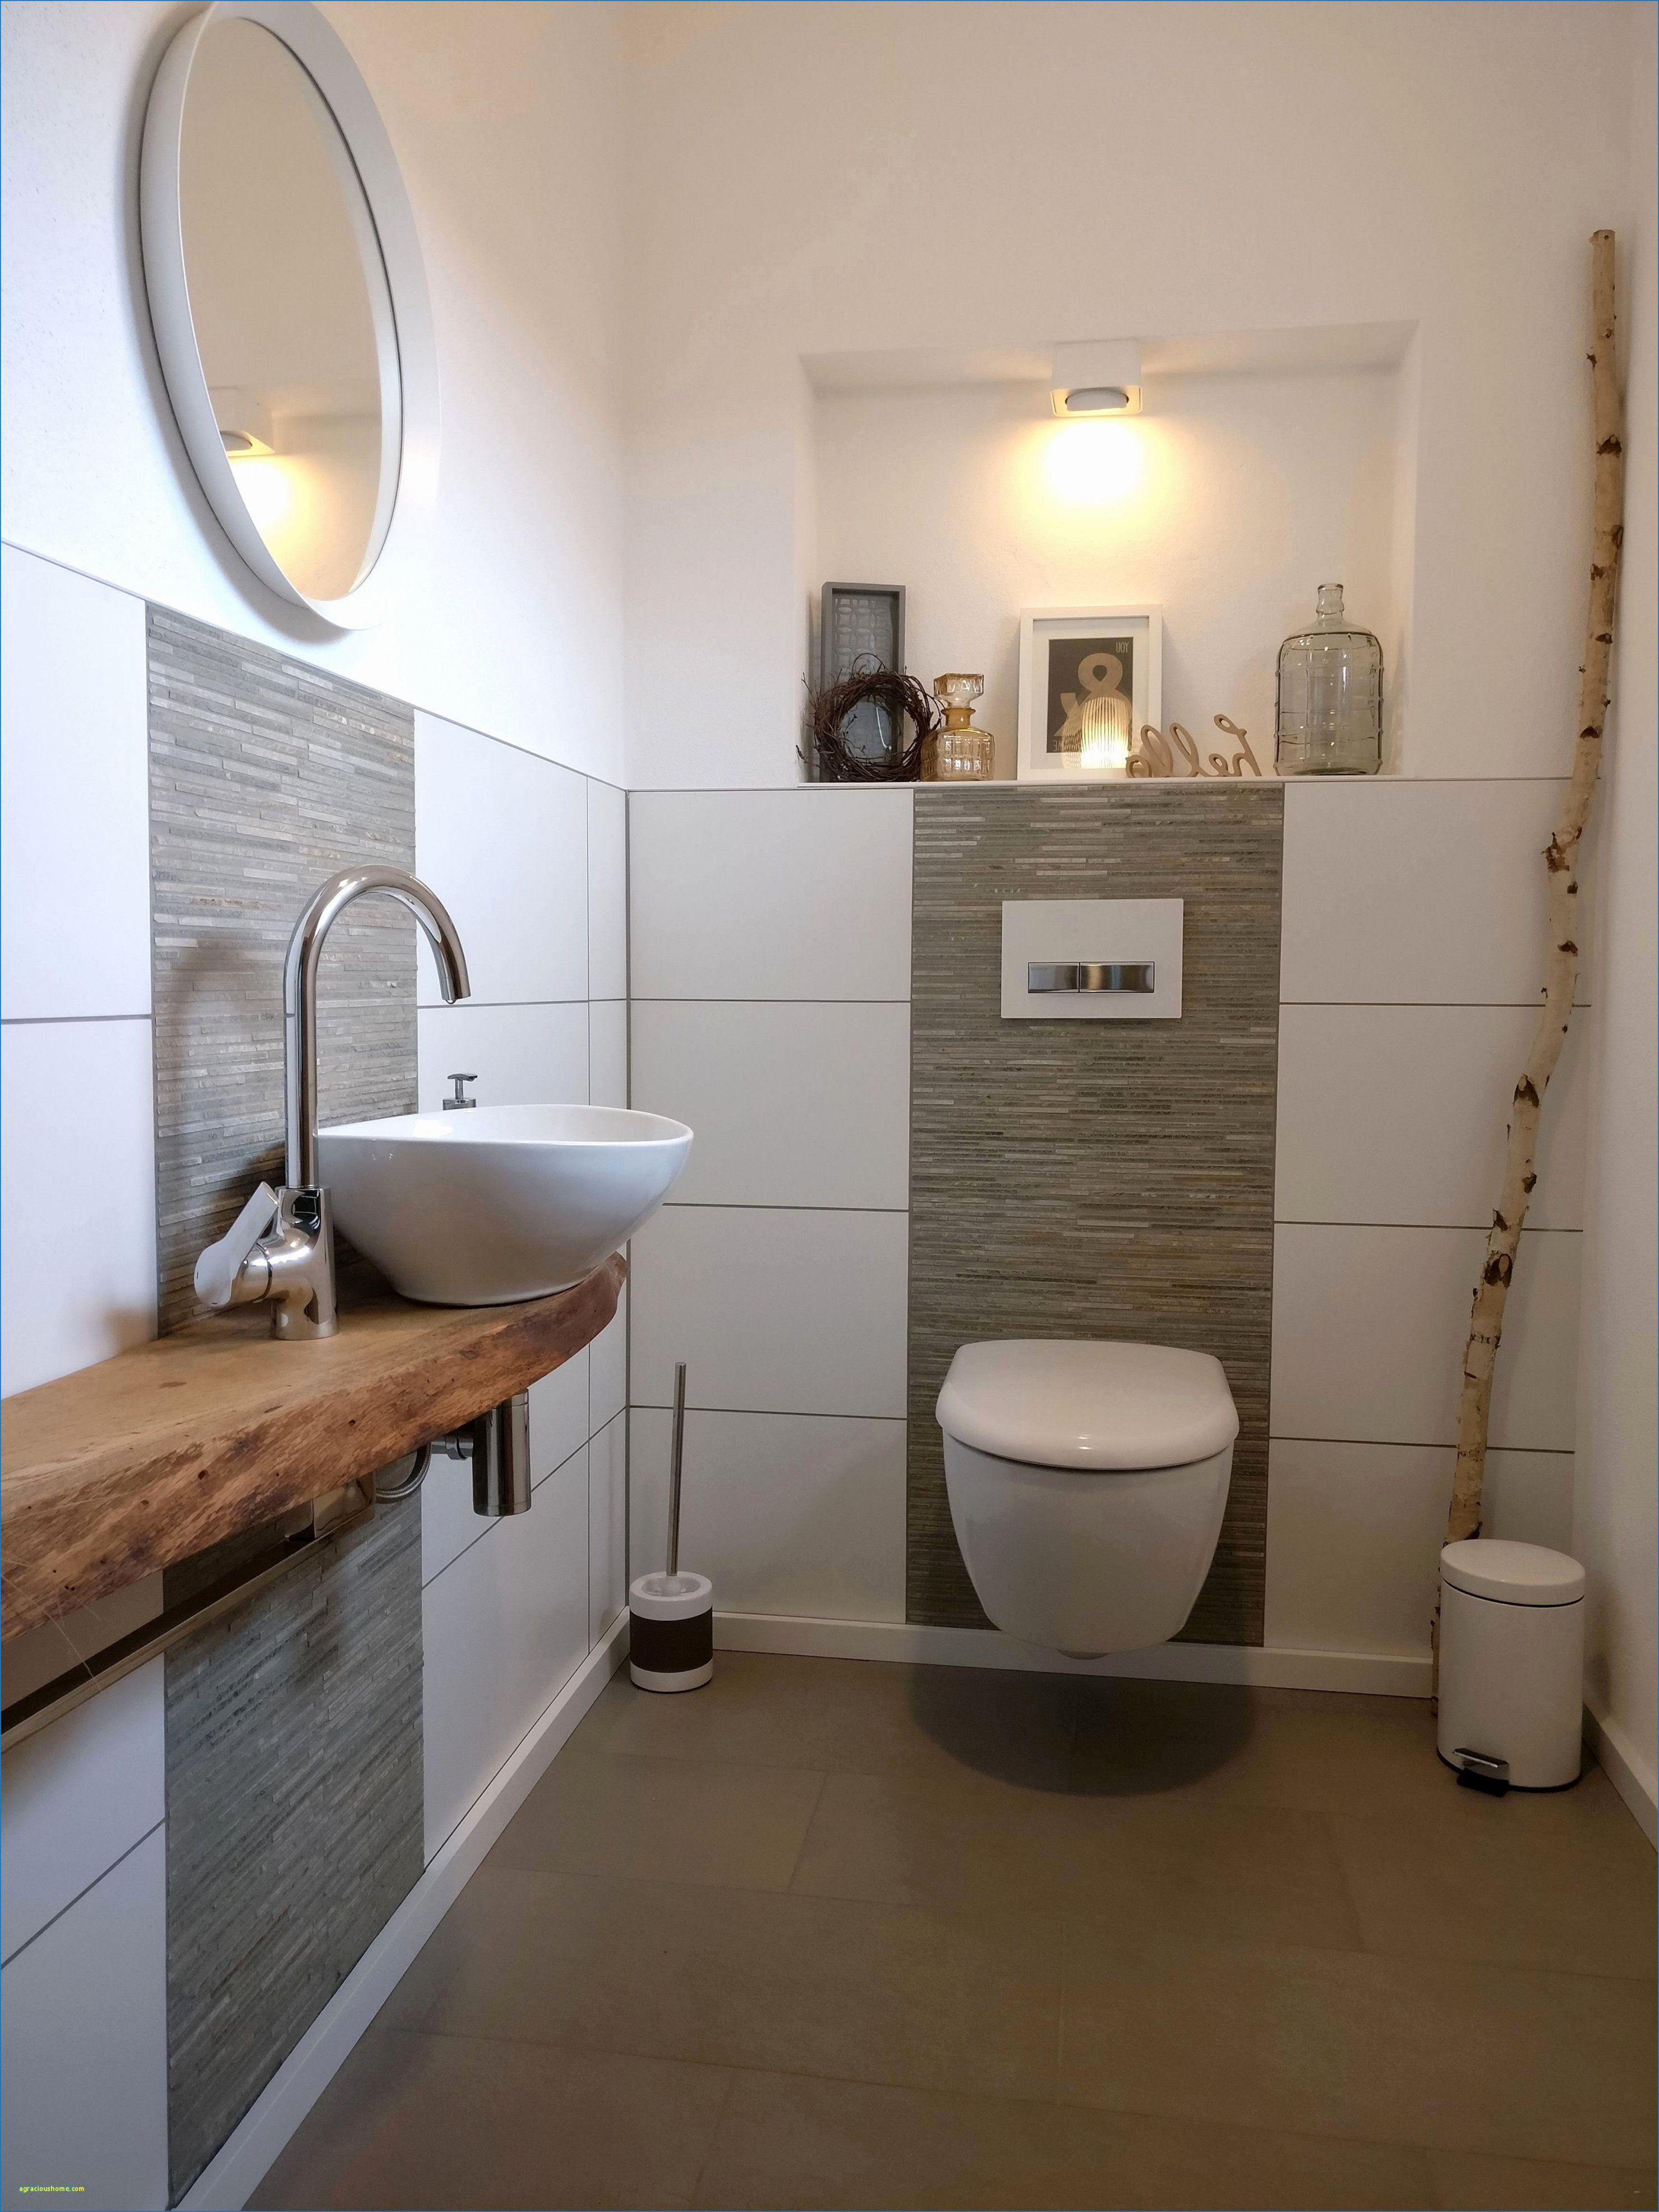 Kleine Bader Badezimmer Ideen Von Kleines Bad Renovieren Ideen Bild Kleine Bader Badezimmer Ideen In 2020 Kleines Bad Renovieren Bad Renovieren Badezimmer Renovieren